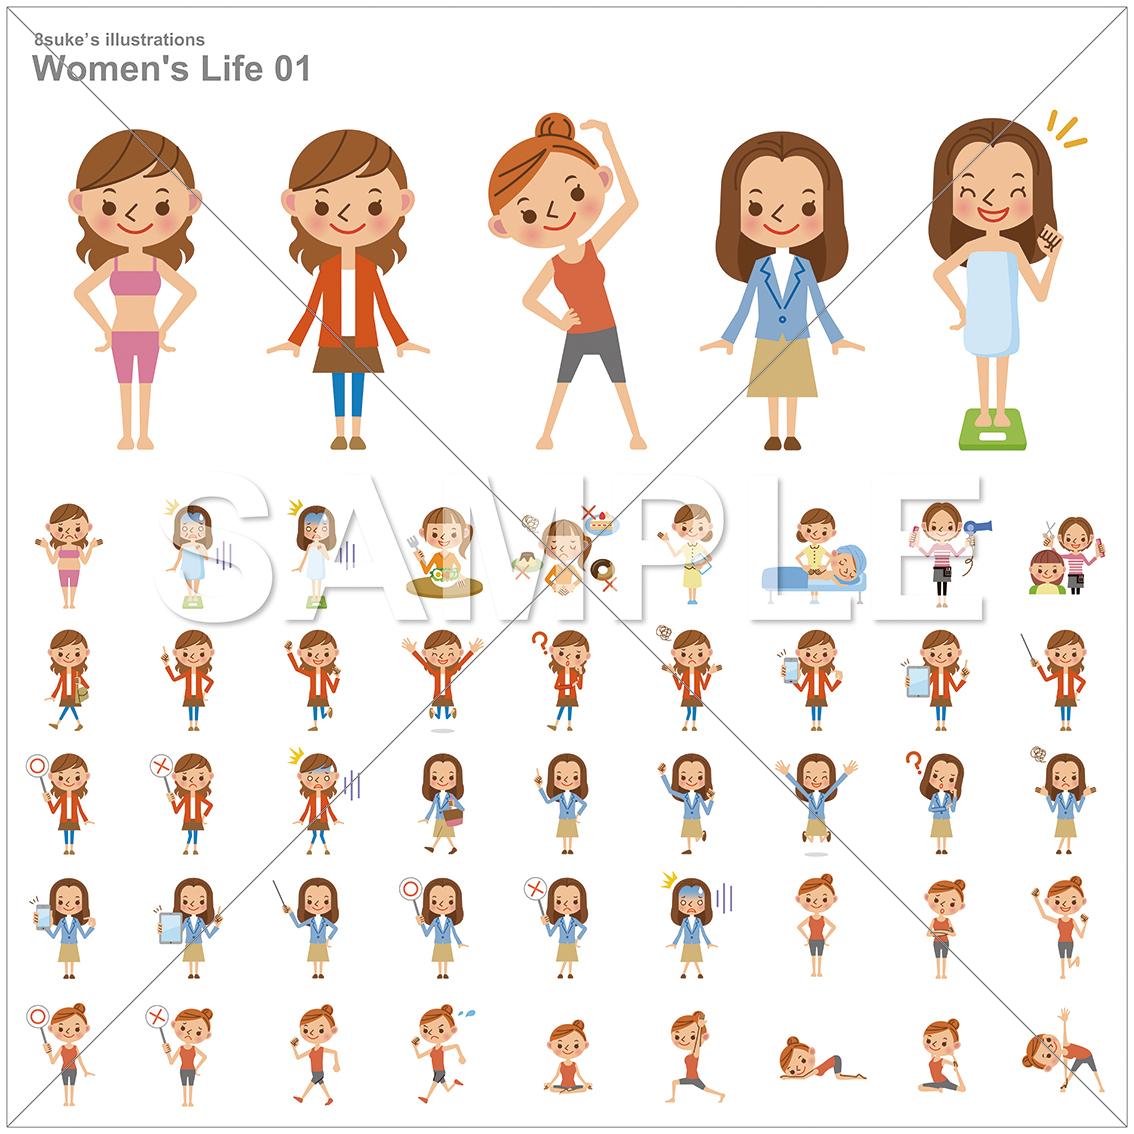 イラスト素材:若い女性のライフスタイル/バリエーションセット(ベクター・JPG・PNG)ダウンロード版